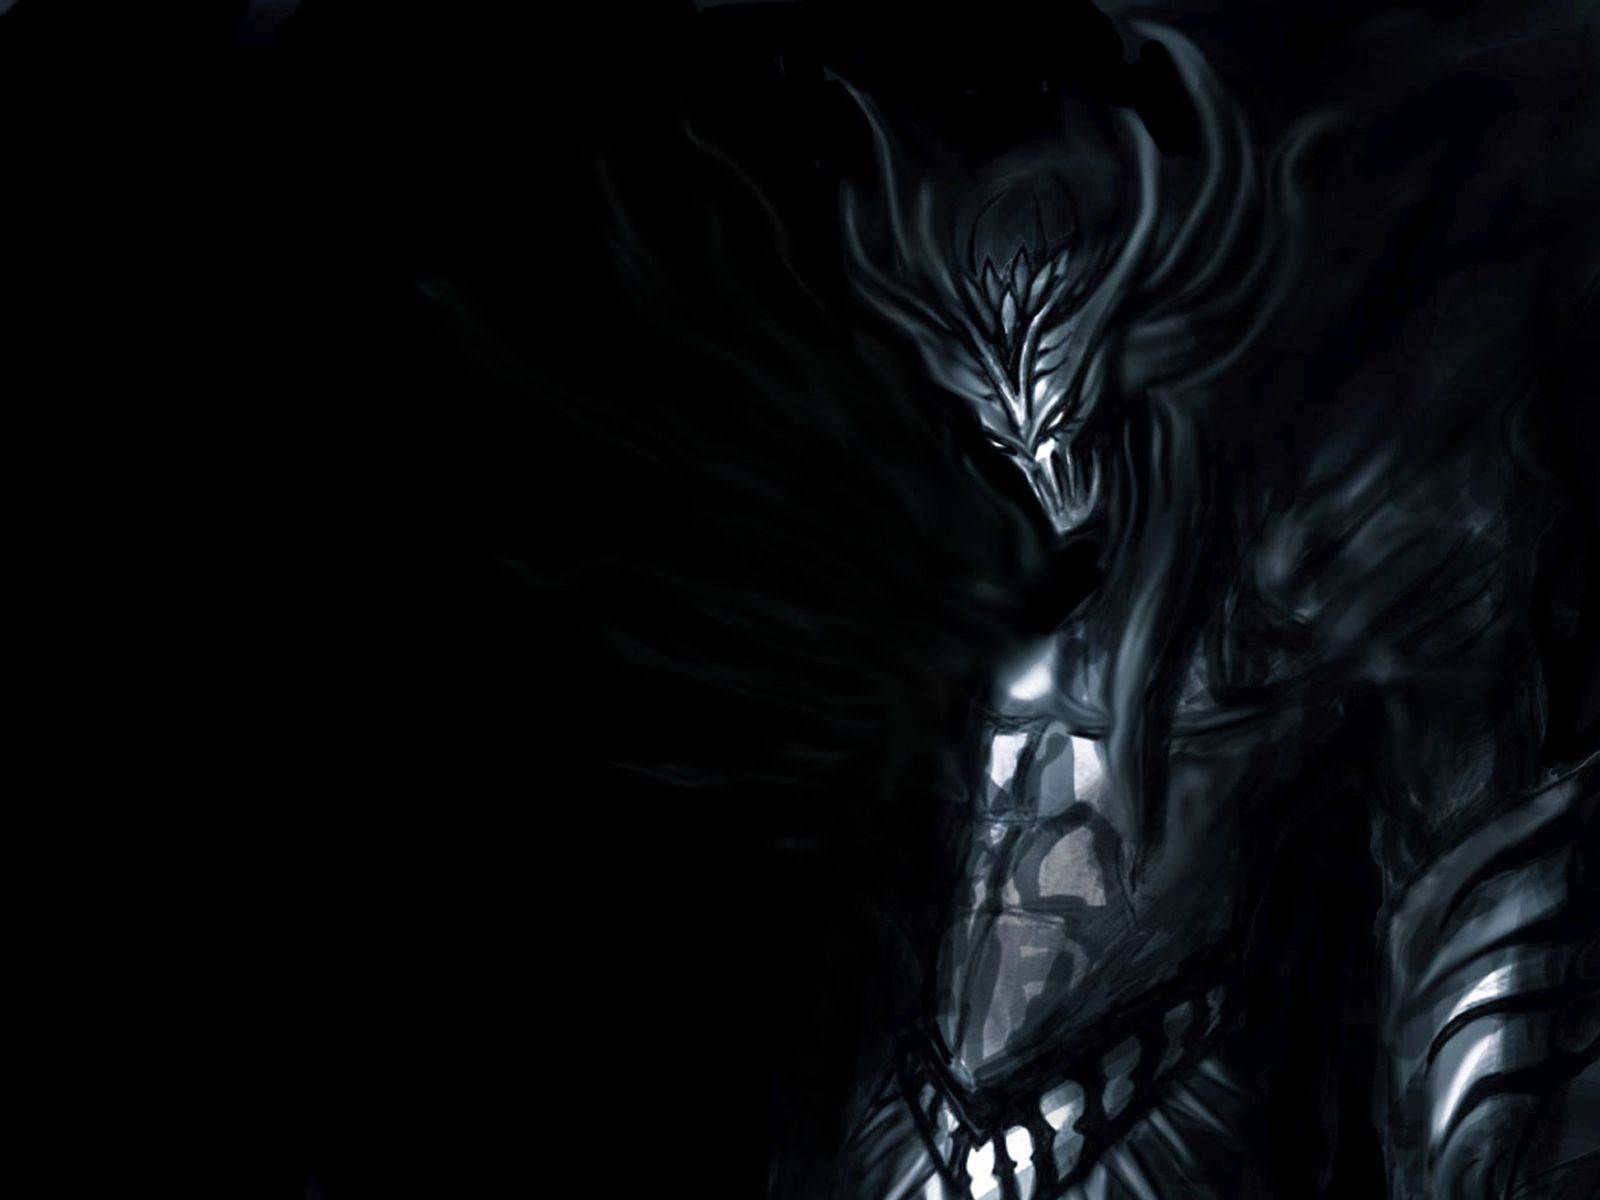 black devil wallpaper for desktop u background wallpaper hd 1600a—1200 devil images